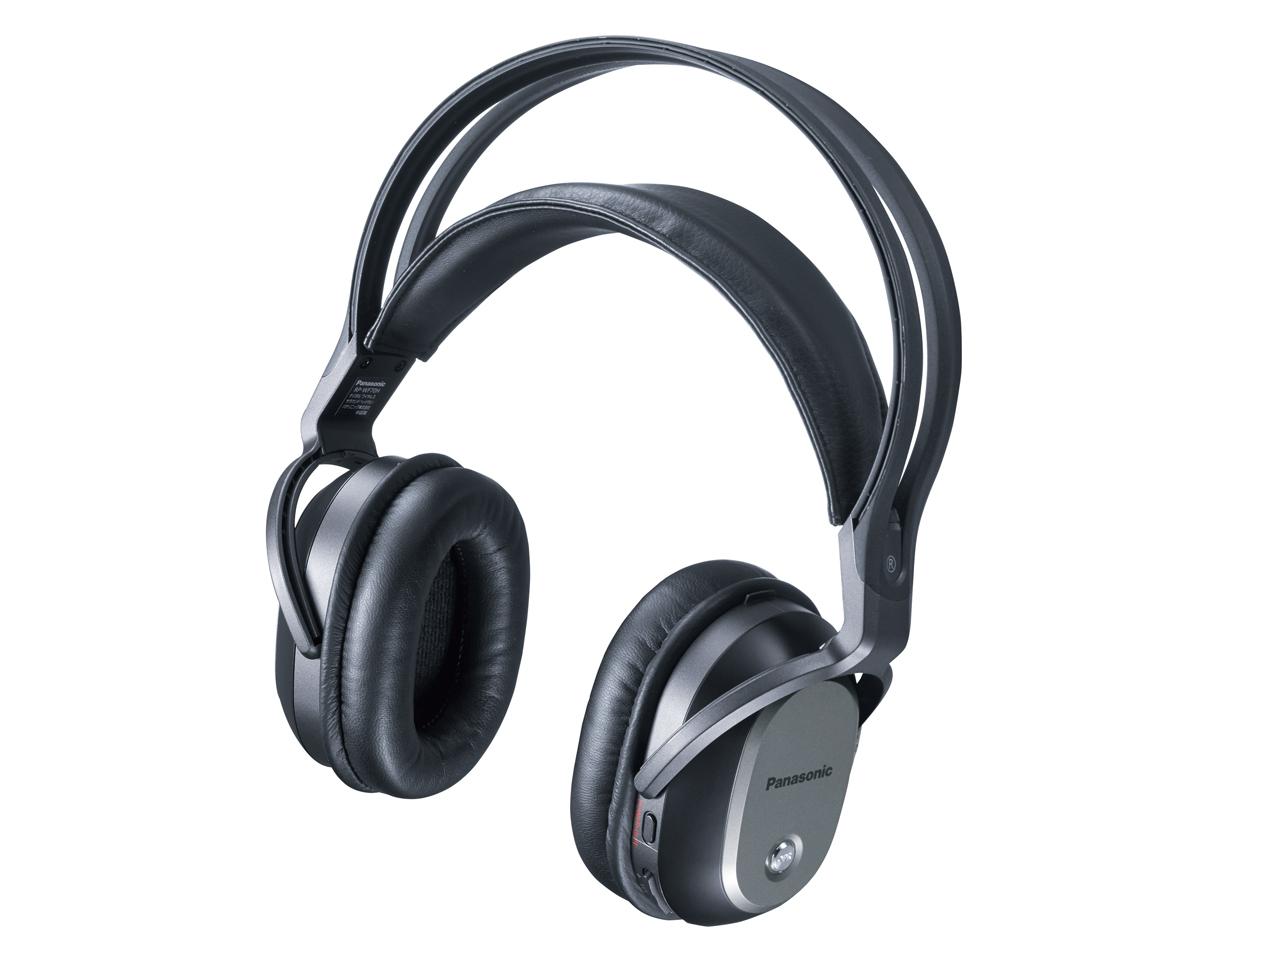 【新品/取寄品】デジタルワイヤレスサラウンドヘッドホンシステム RP-WF70